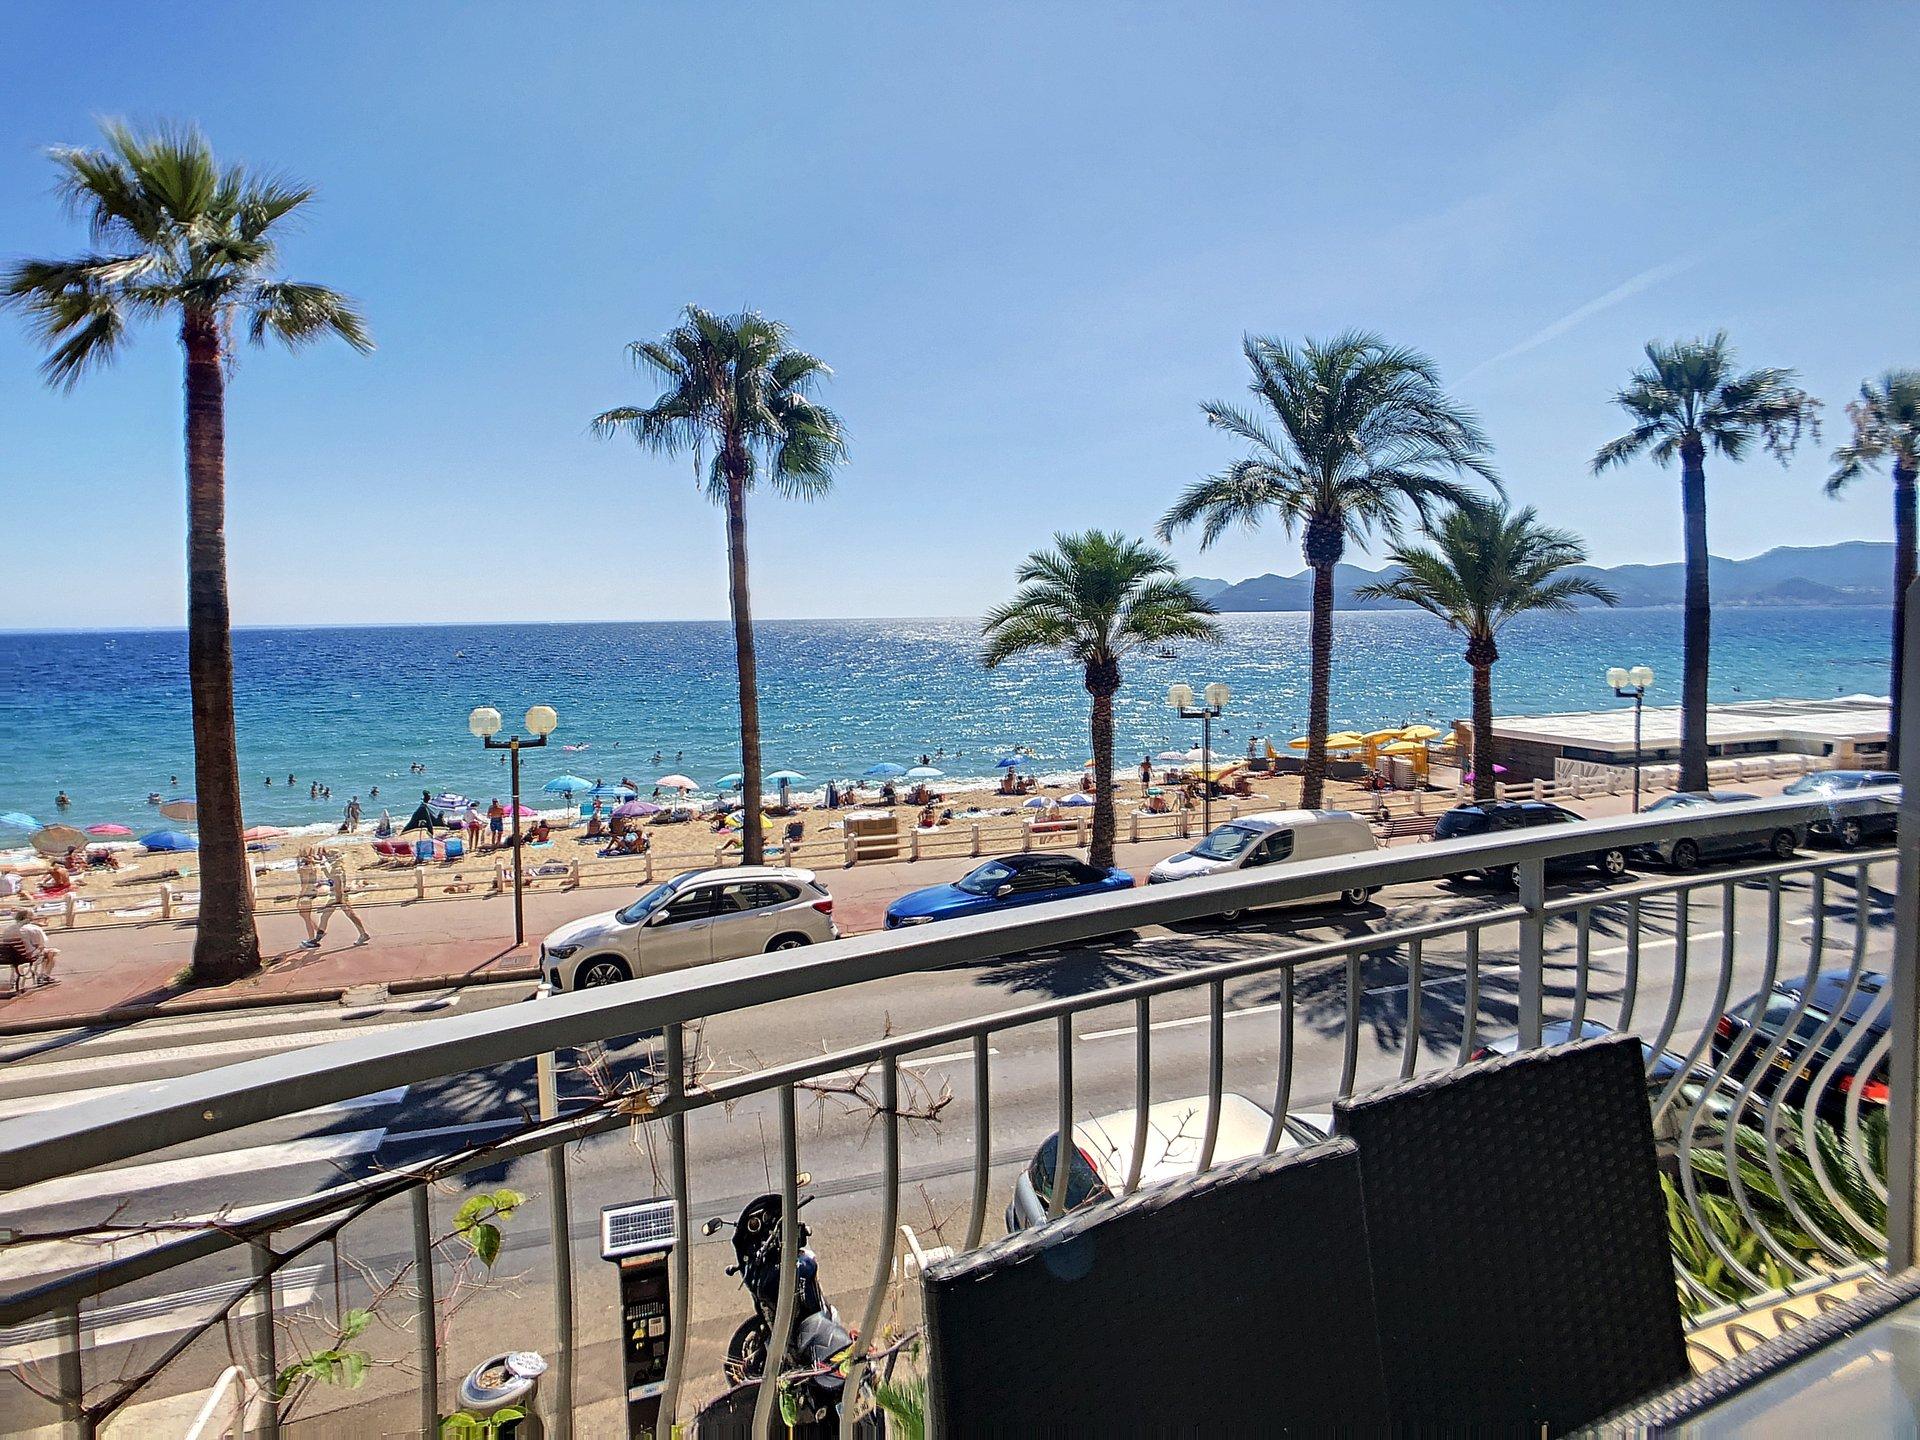 4 rumslägenhet med terrass och havstsikt - Plages du Midi Cannes